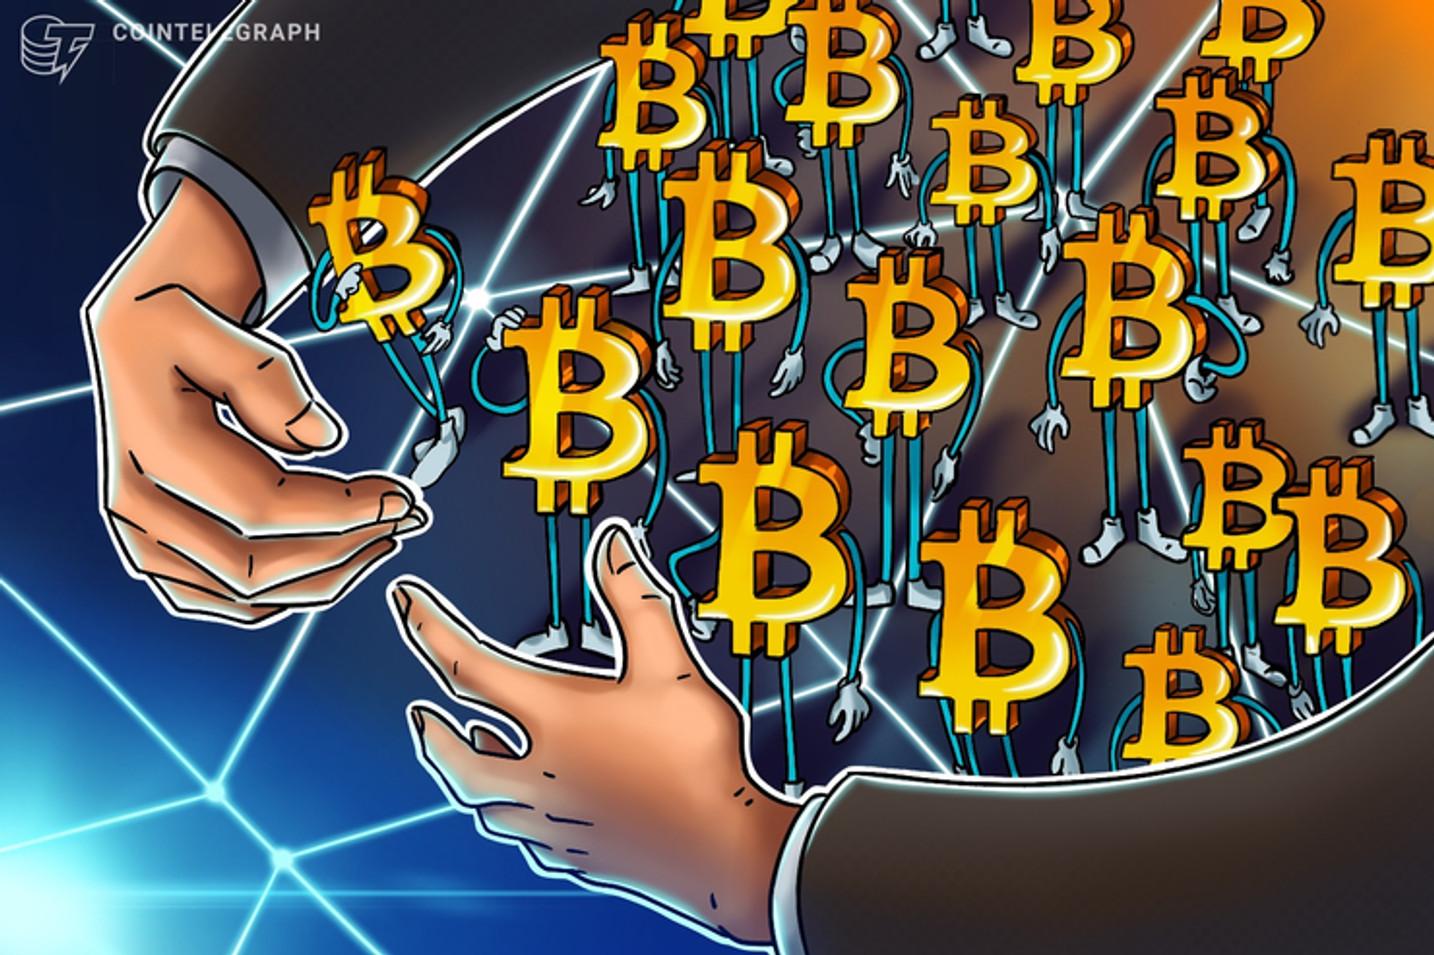 Niedersachsen: Verwertung beschlagnahmter Bitcoins sorgt für Geldregen